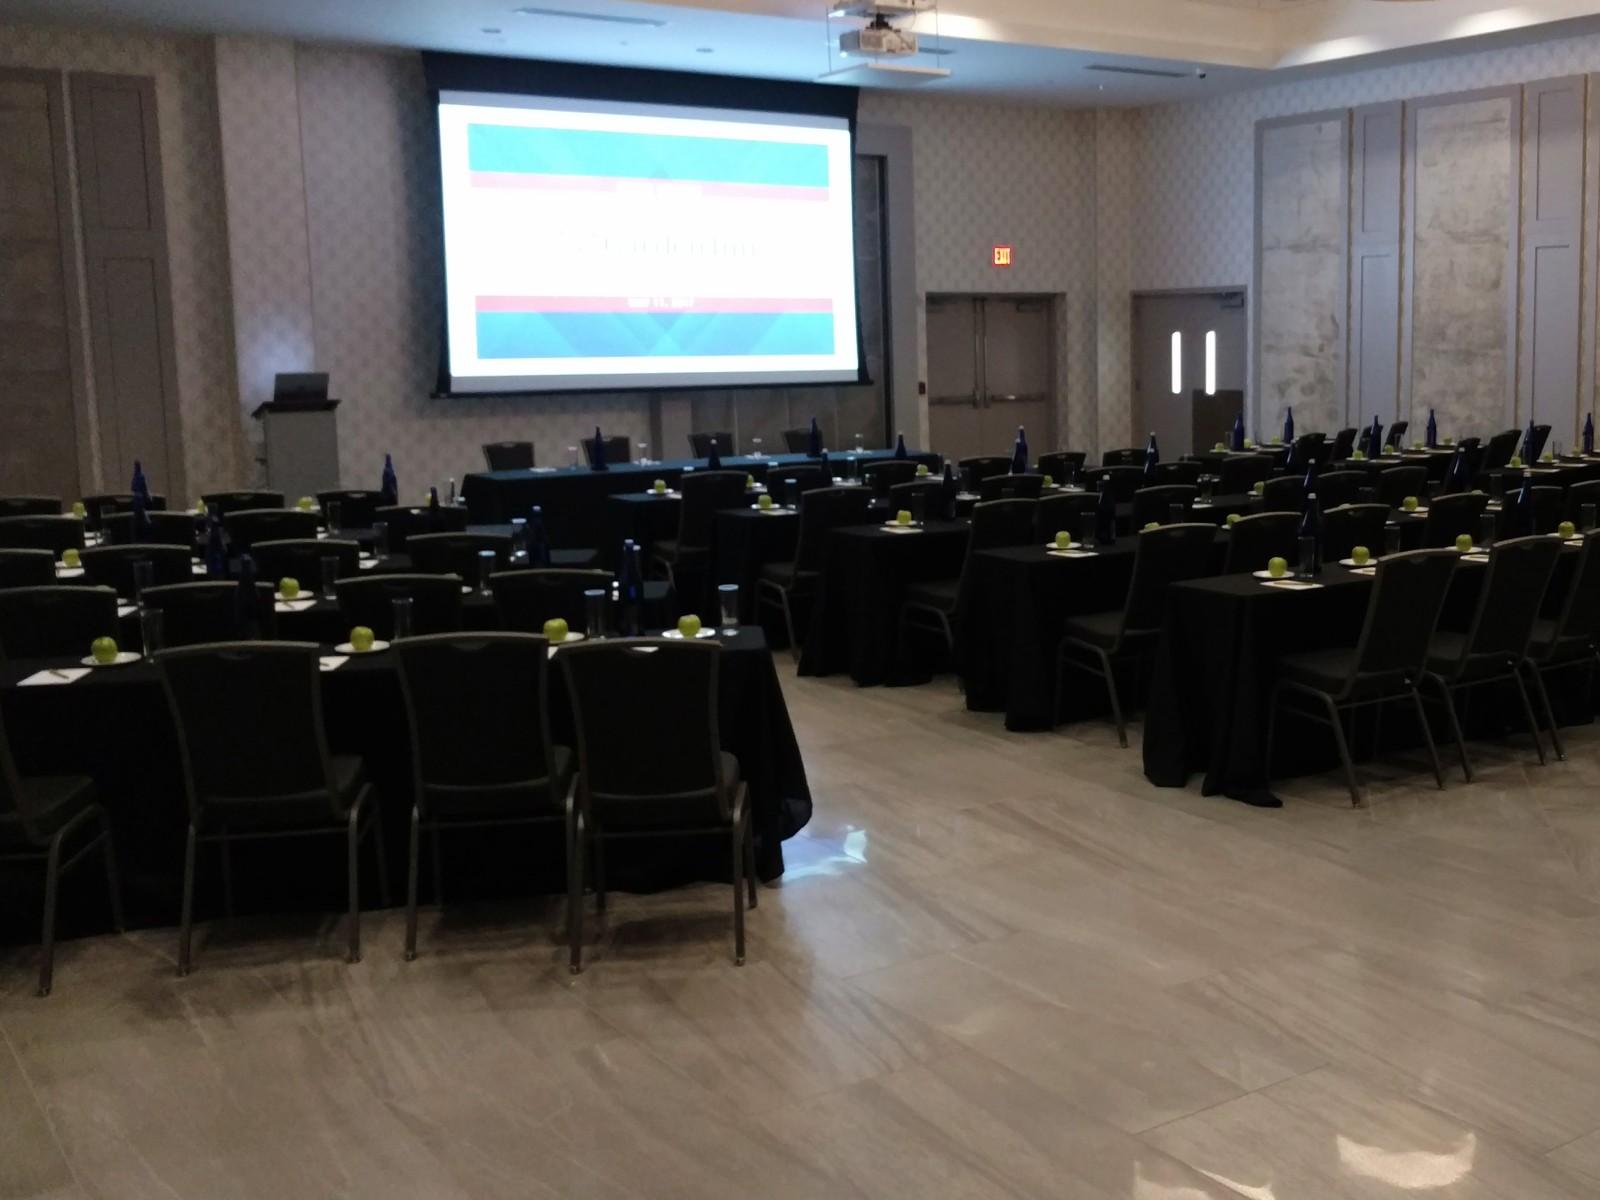 Hilton Garden Inn Springfield conference room | Flooring Installation System